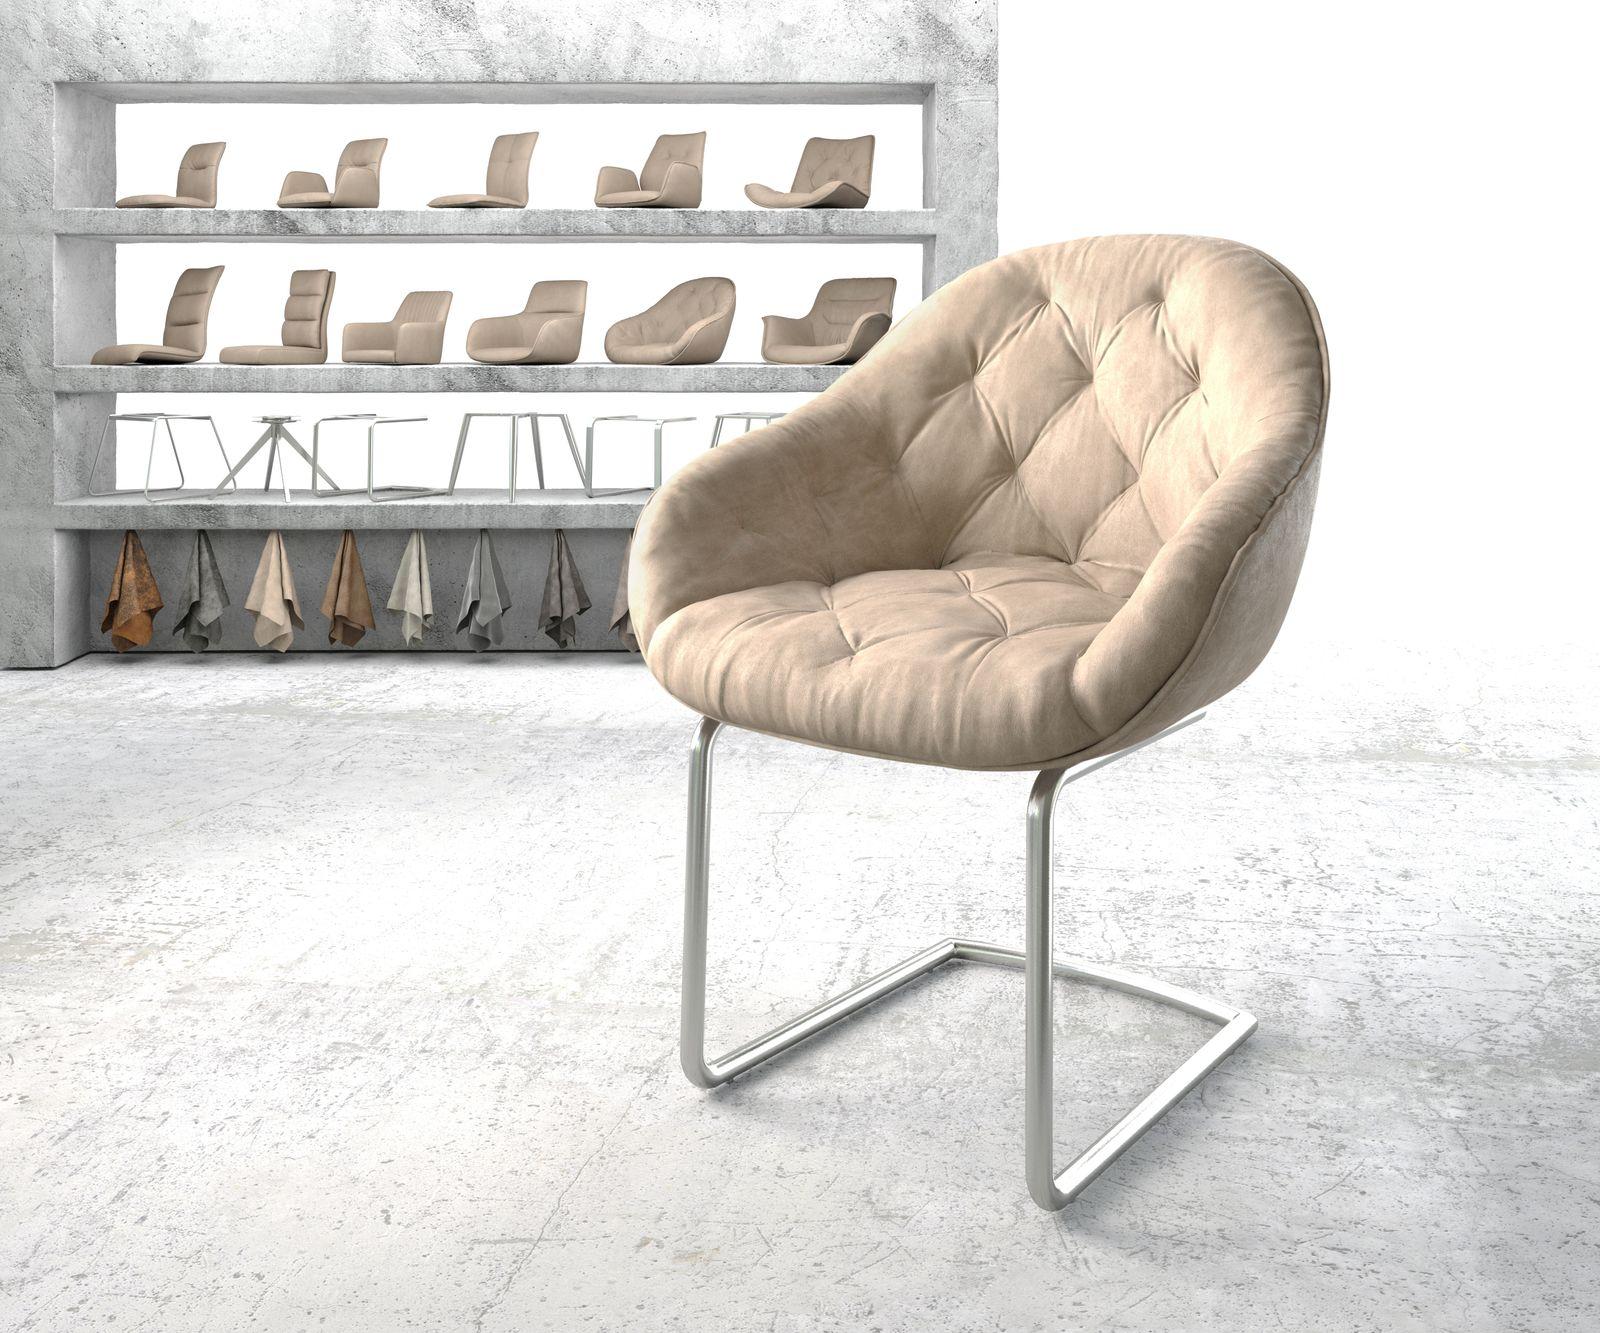 delife-armlehnstuhl-gaio-flex-beige-vintage-freischwinger-rund-edelstahl-esszimmerstuhle